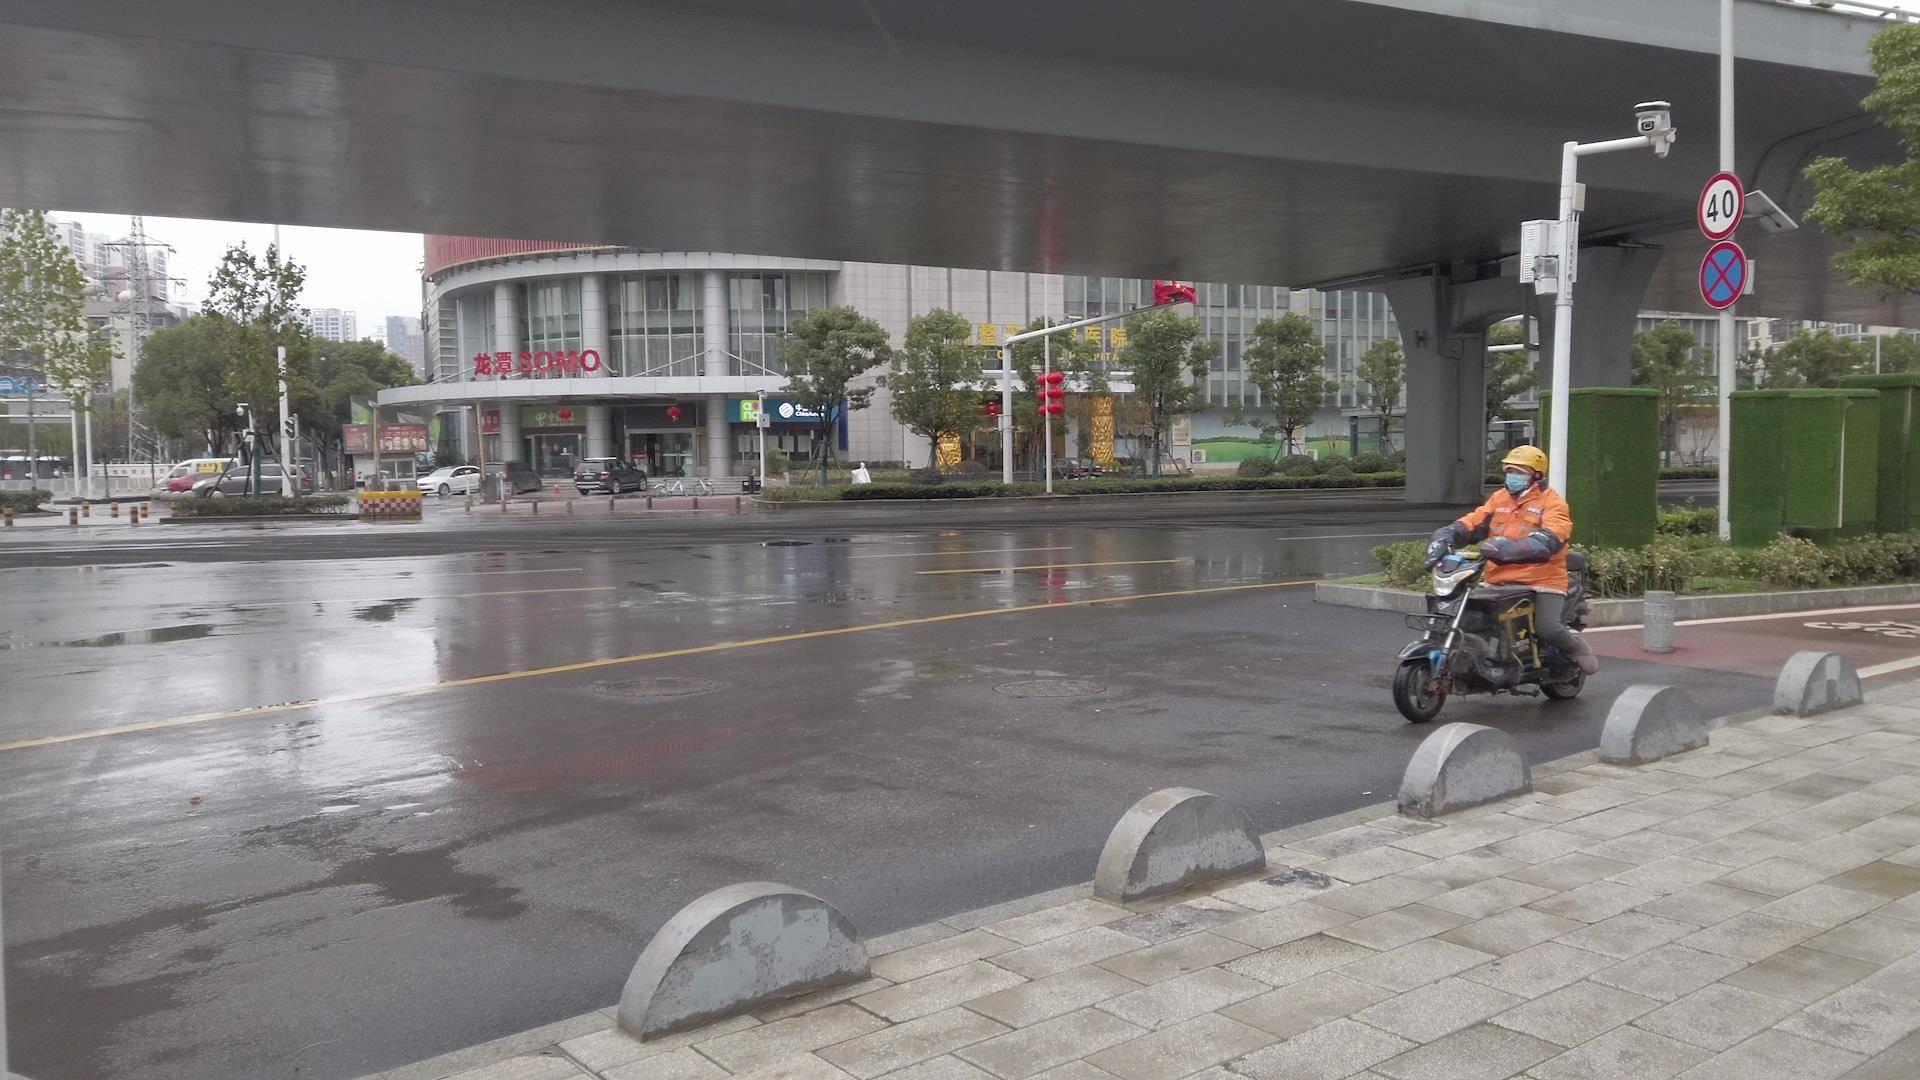 【武汉观察Vlog02】在武汉街头,不戴口罩会发生什么?